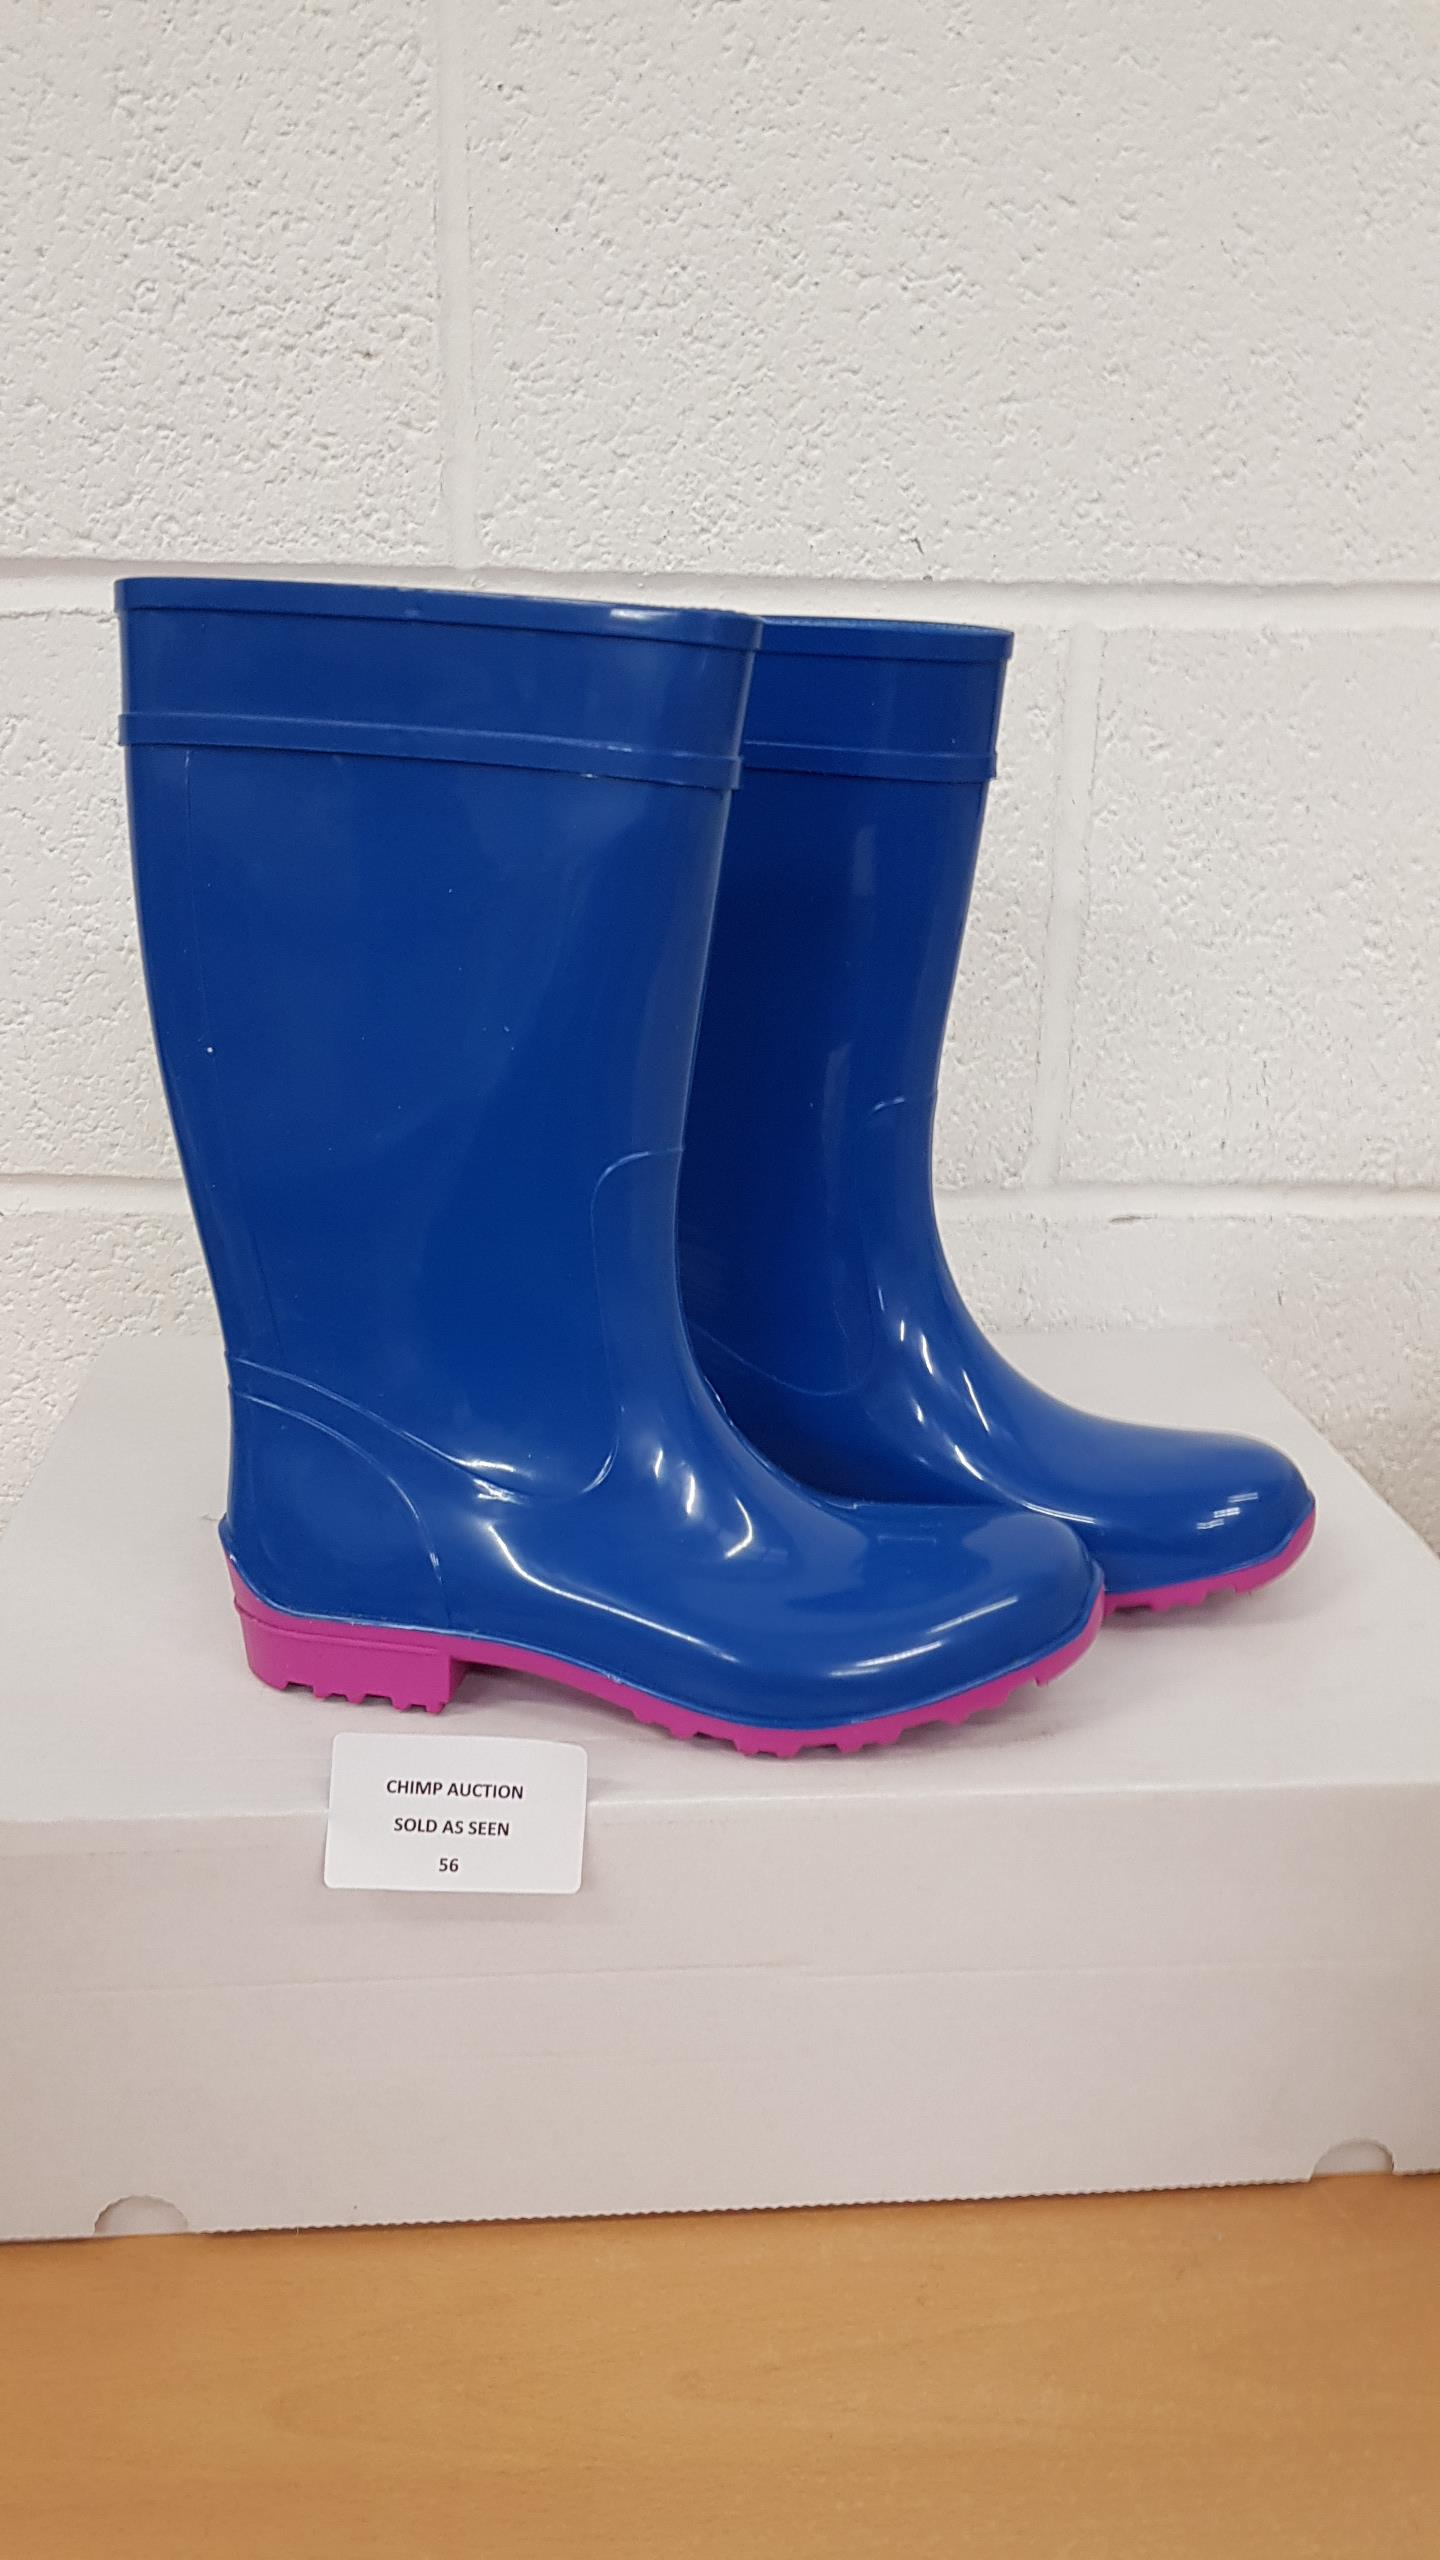 Lot 56 - Lemigo welly boots EU 36